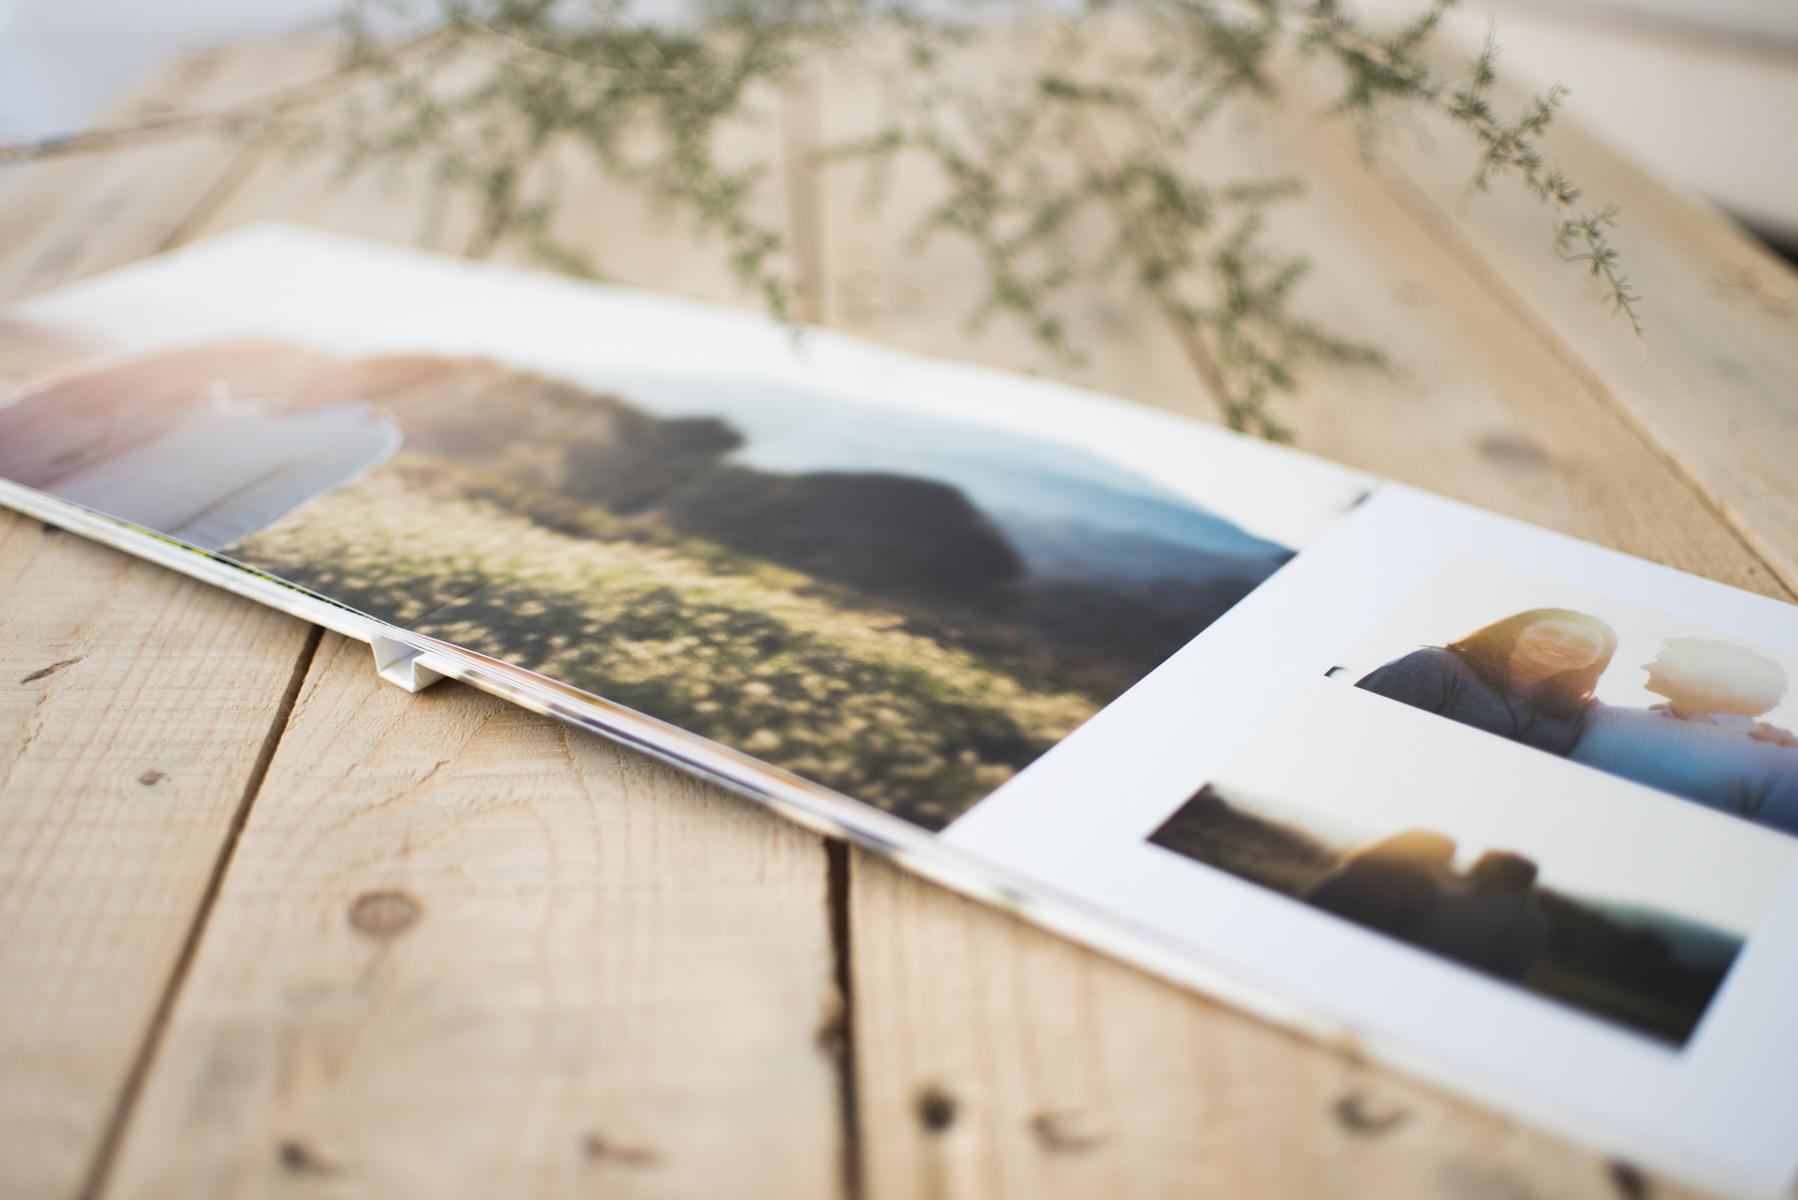 SAALDESIGN-MIAMOMENTSPHOTO-06.jpg